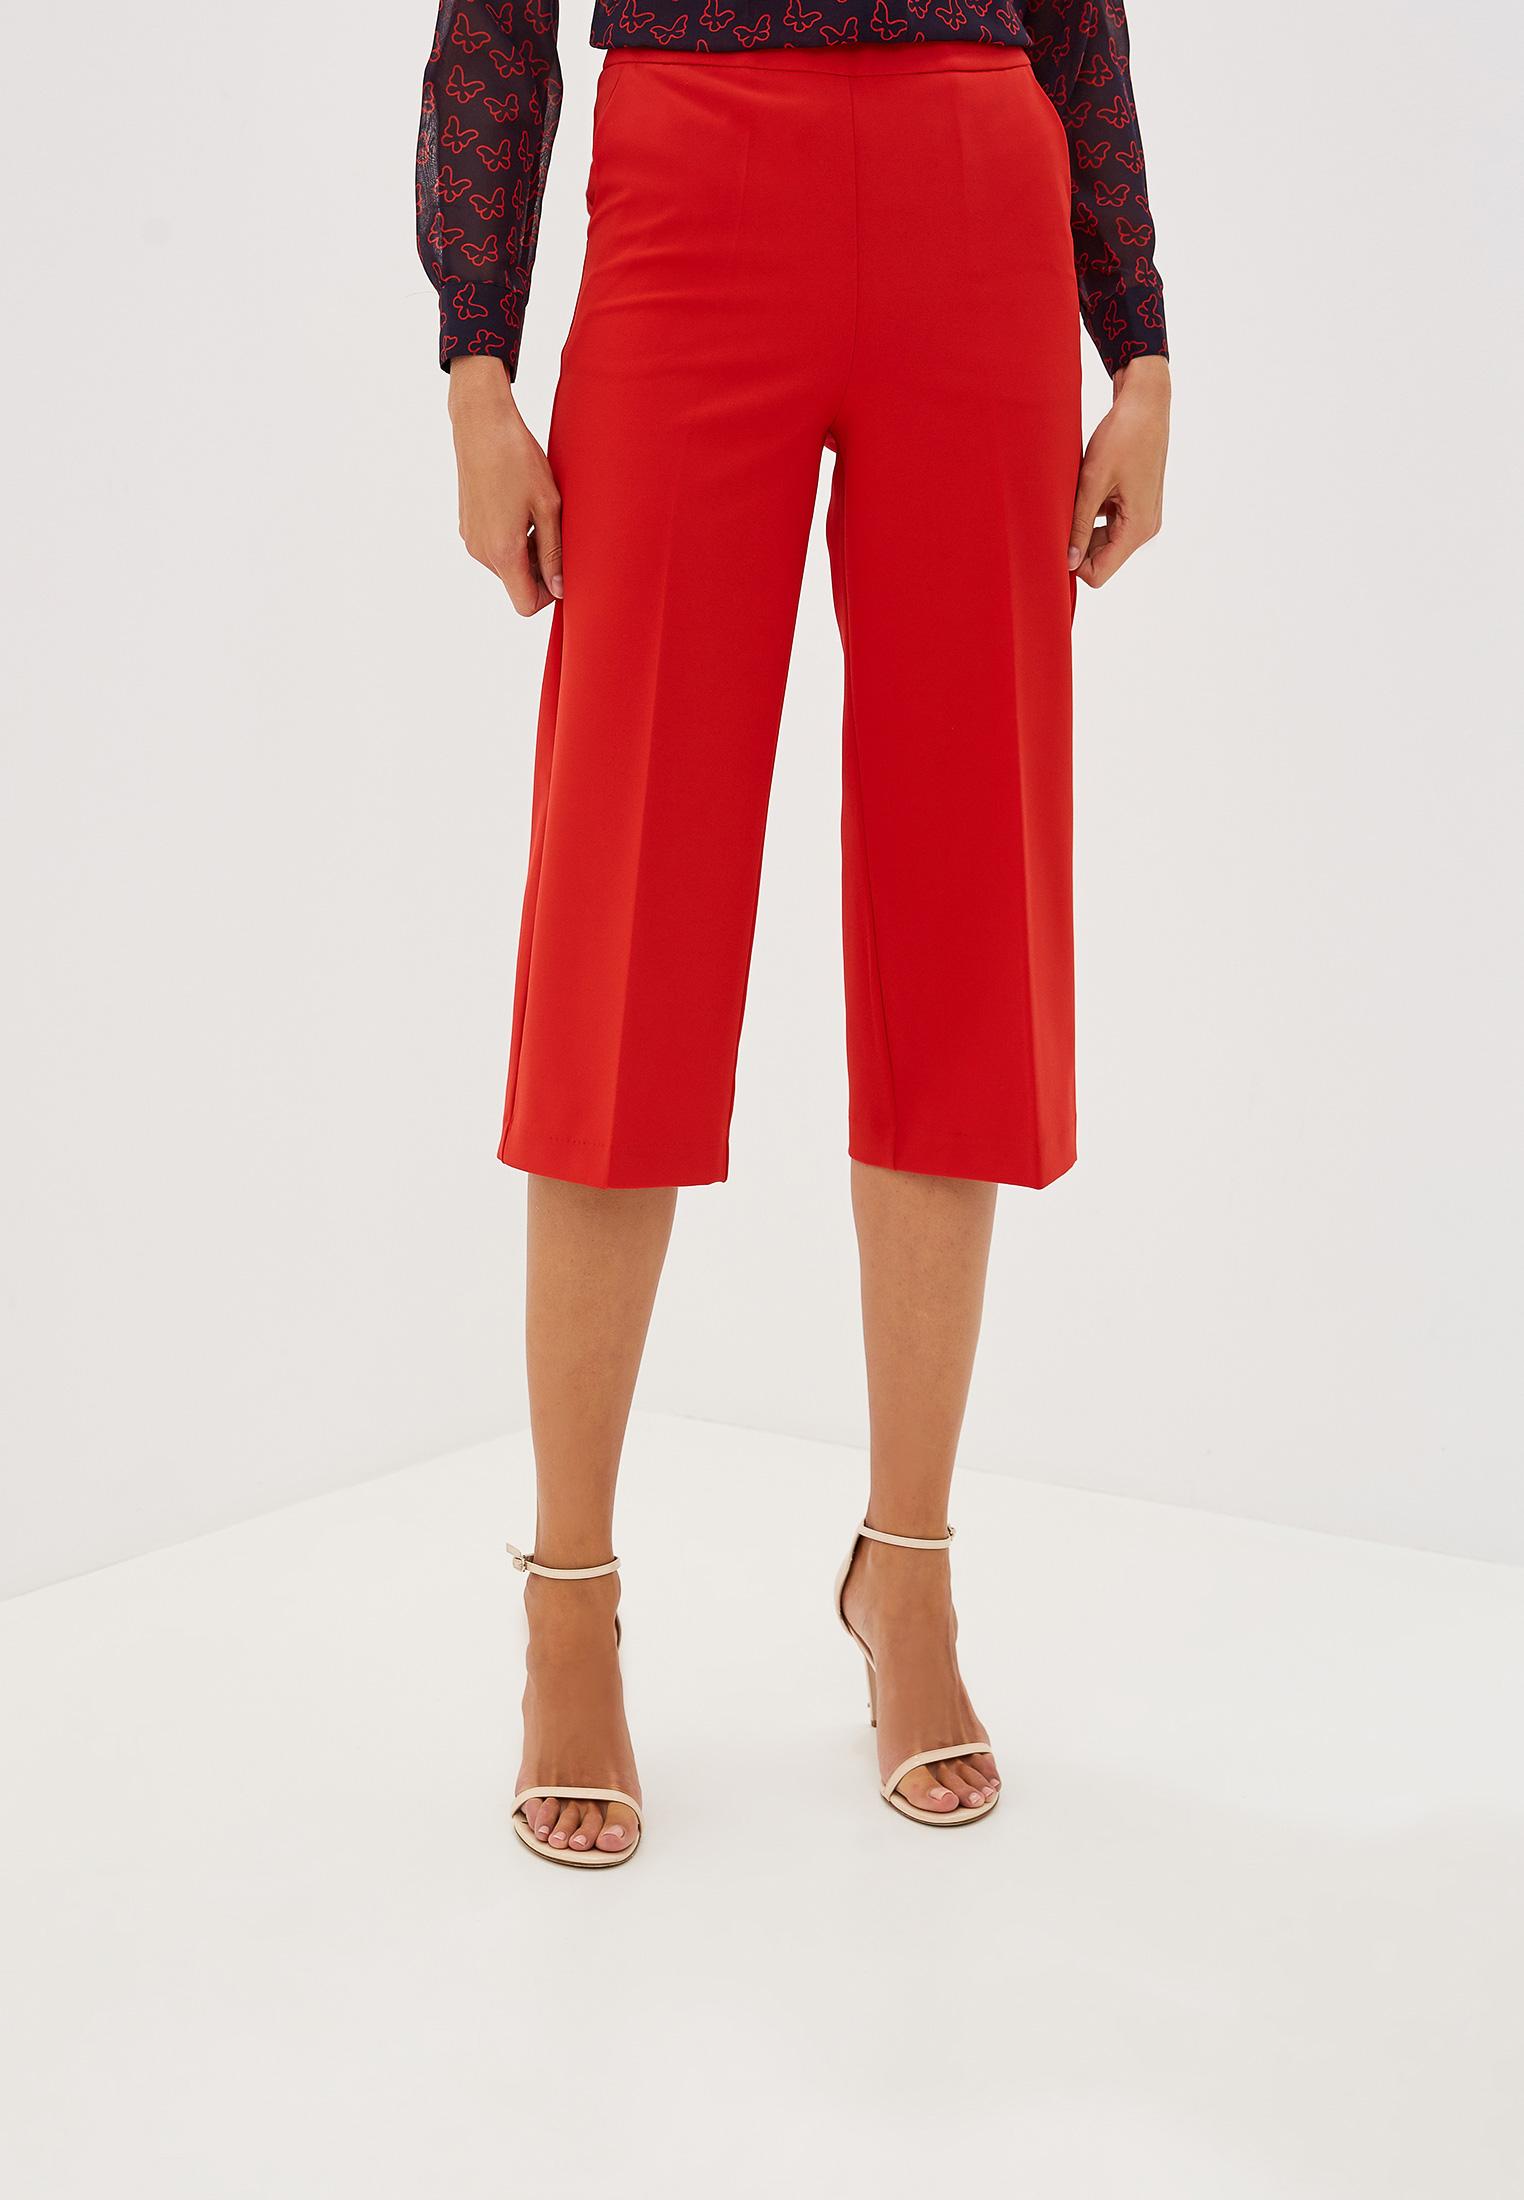 Женские широкие и расклешенные брюки Blugirl Folies 4201-6317-114